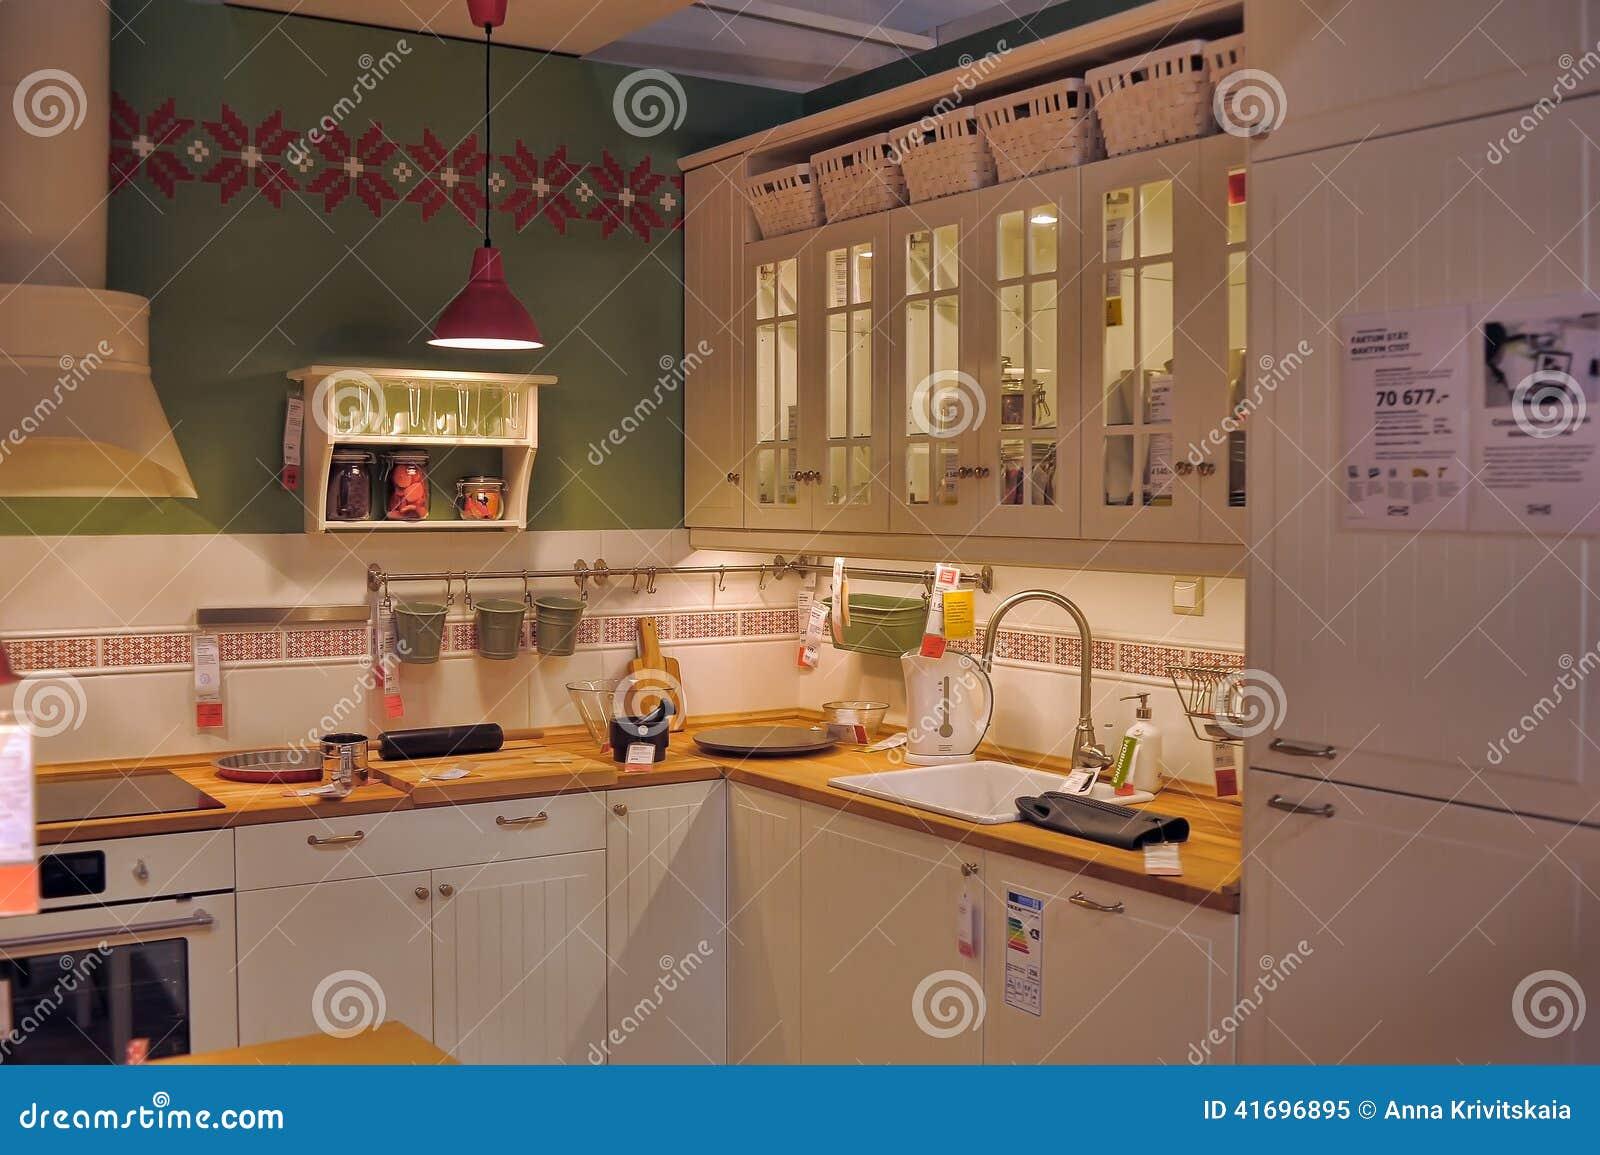 Cucina In Negozio Di Mobili Ikea Immagine Editoriale ...